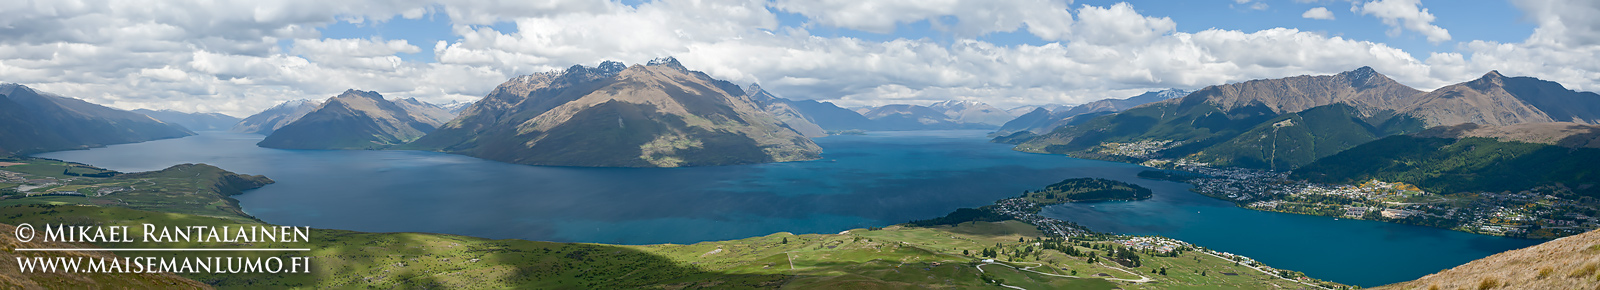 Wakatipu-järvi ja Queenstown, Uusi-Seelanti (PU105)